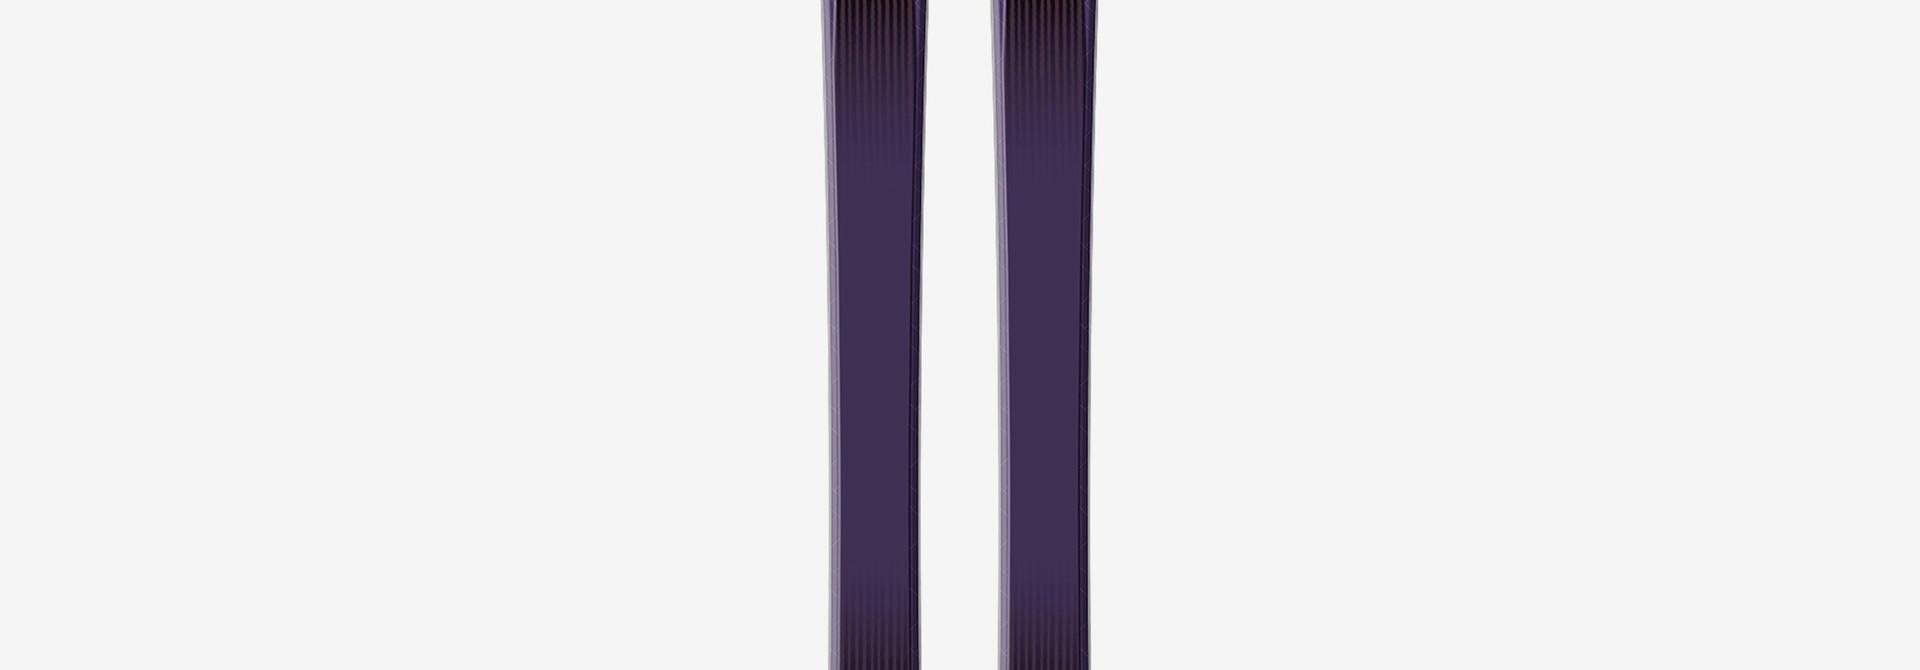 AIRA 84 TI Purple/Black